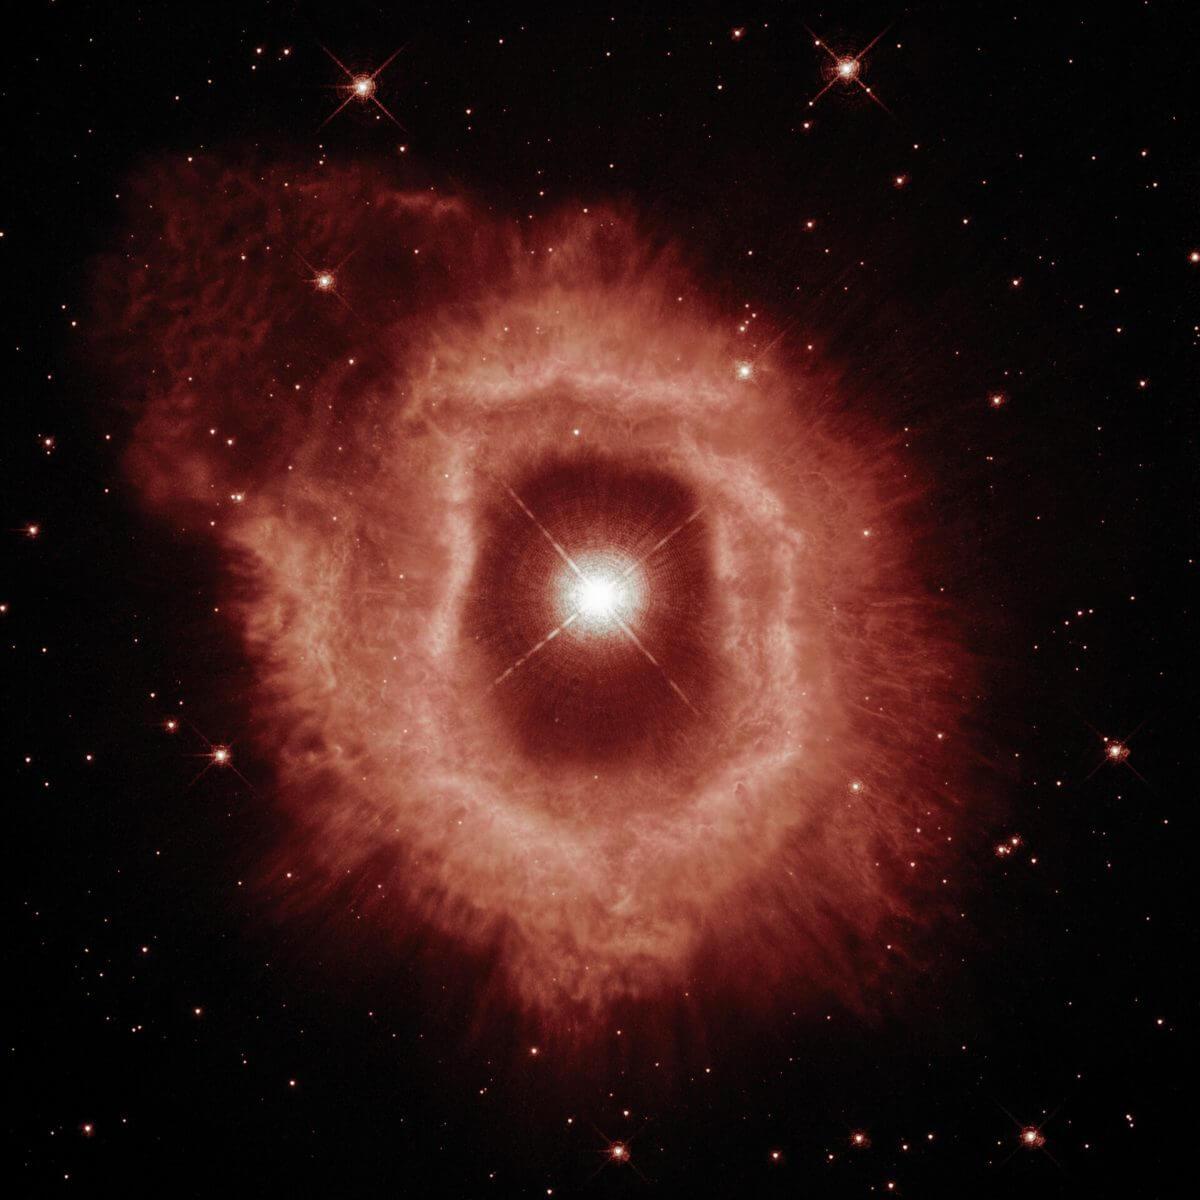 りゅうこつ座AG星と周囲のガスの分布のみを示したもの(Credit: ESA/Hubble and NASA, A. Nota, C. Britt)